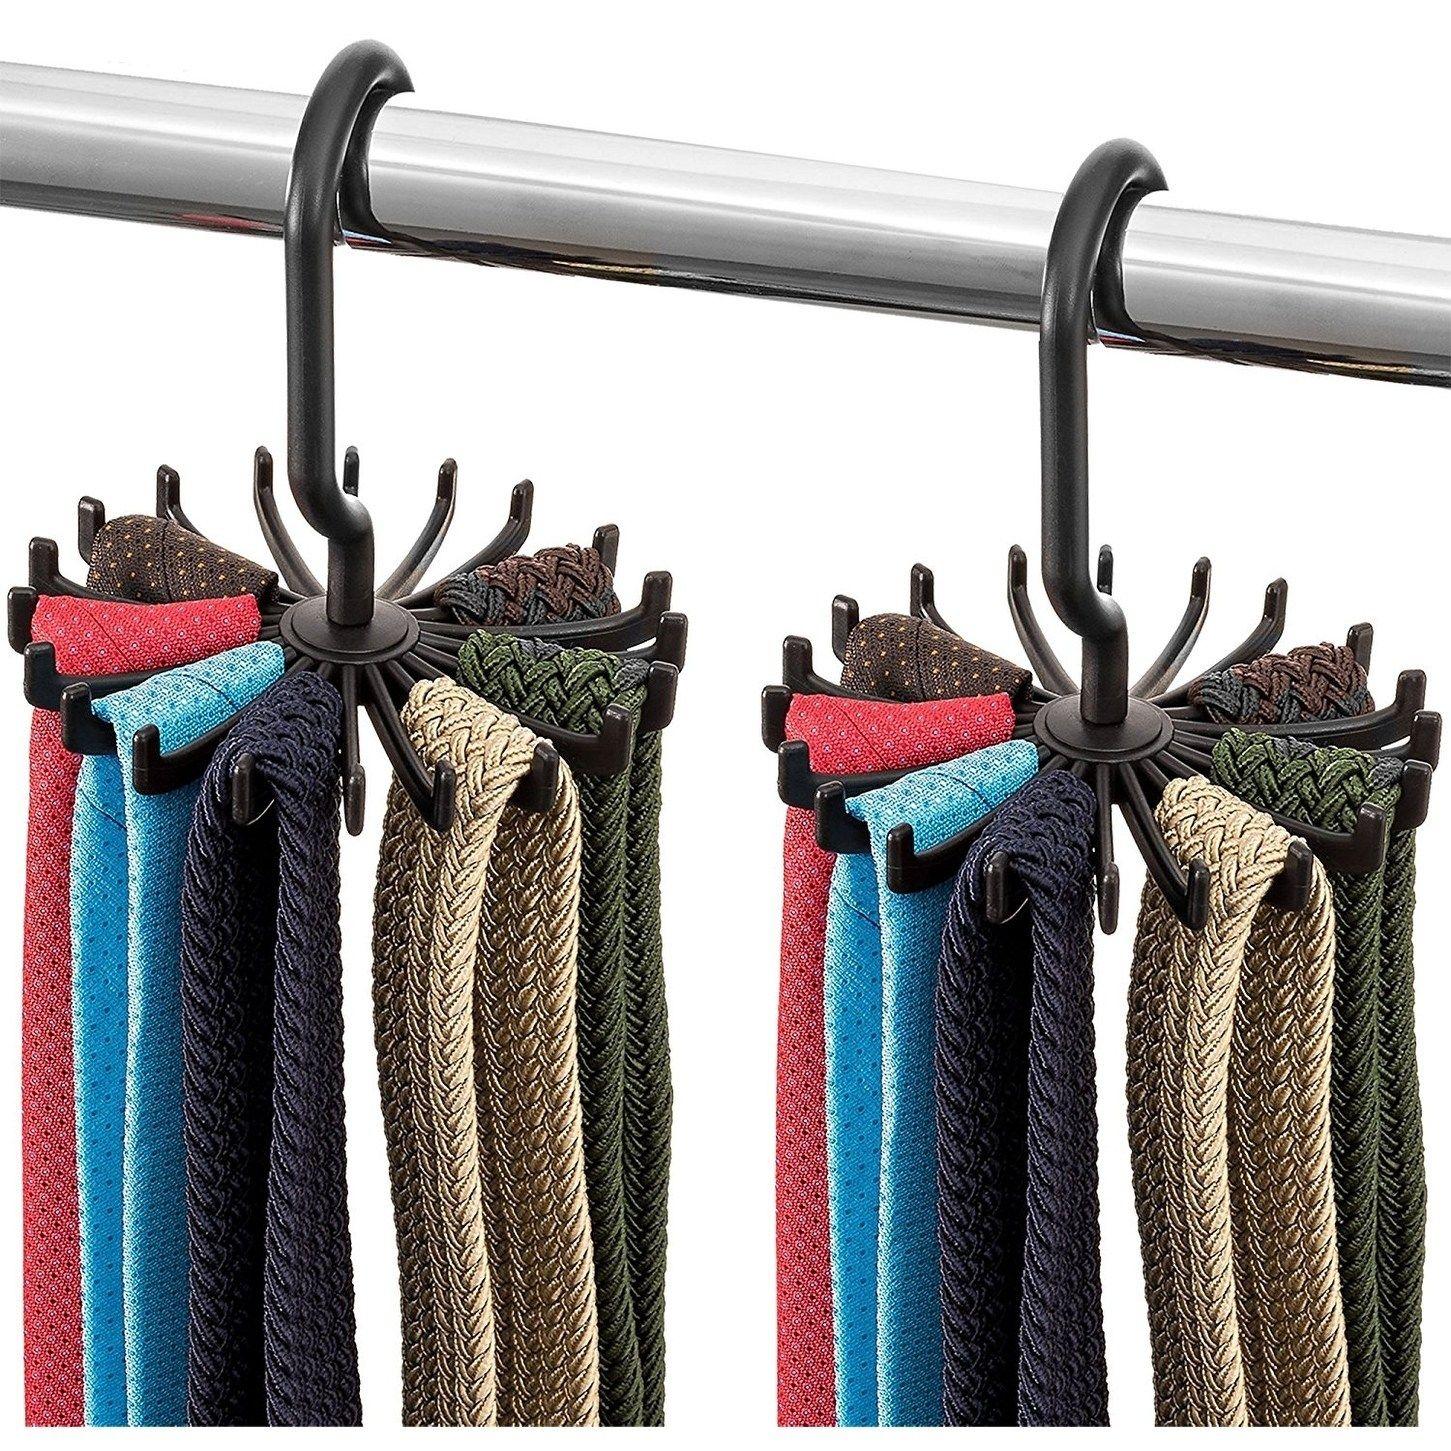 Adjustable 20 Hooks Rotating Belt Scraf Rack Organization Hanger Fresh Holds